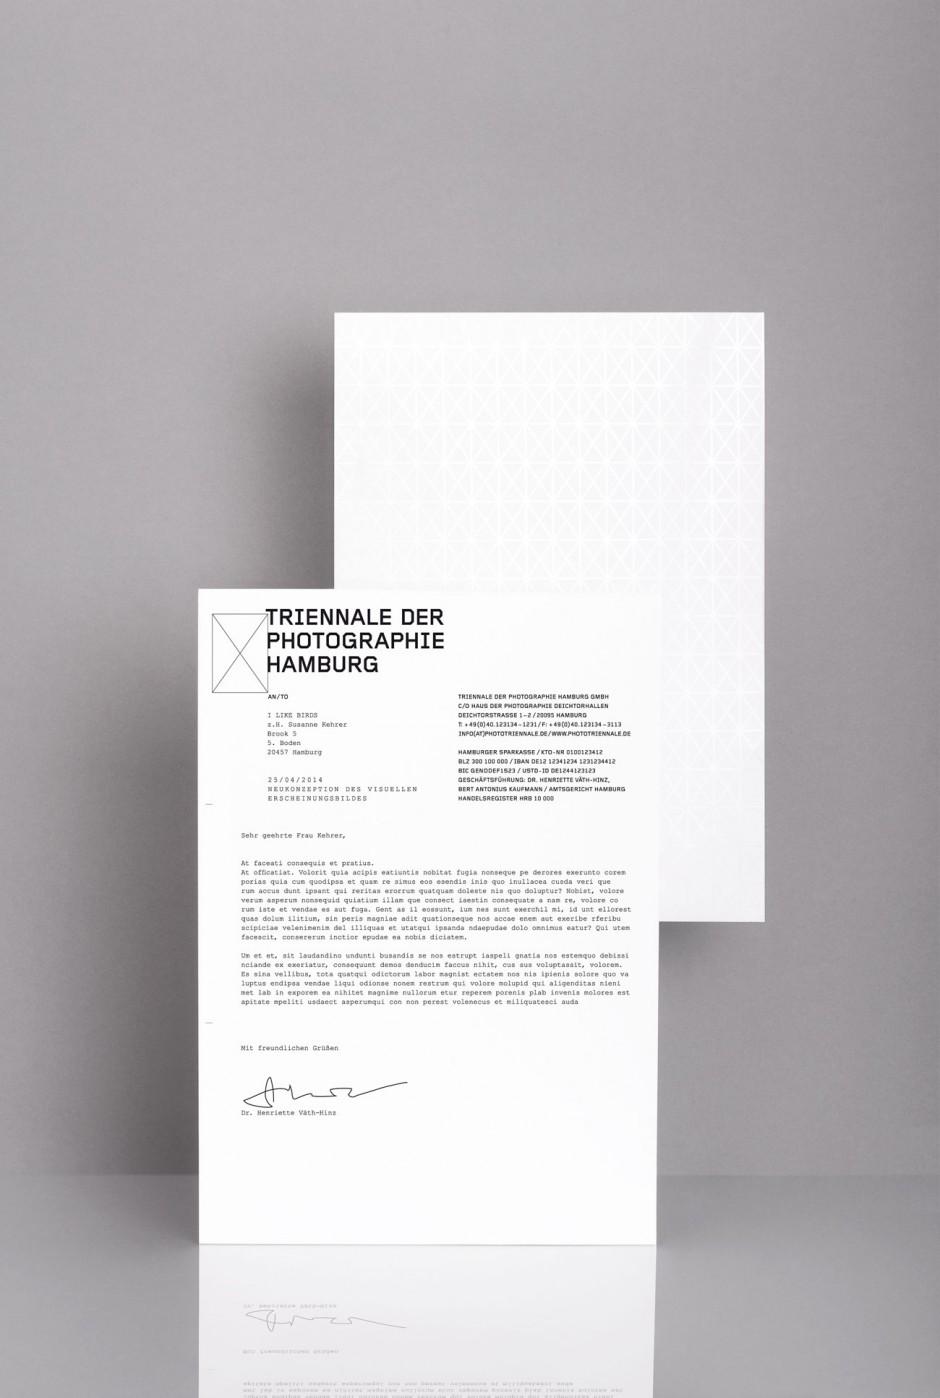 Triennale der Photographie Hamburg – Briefpapier